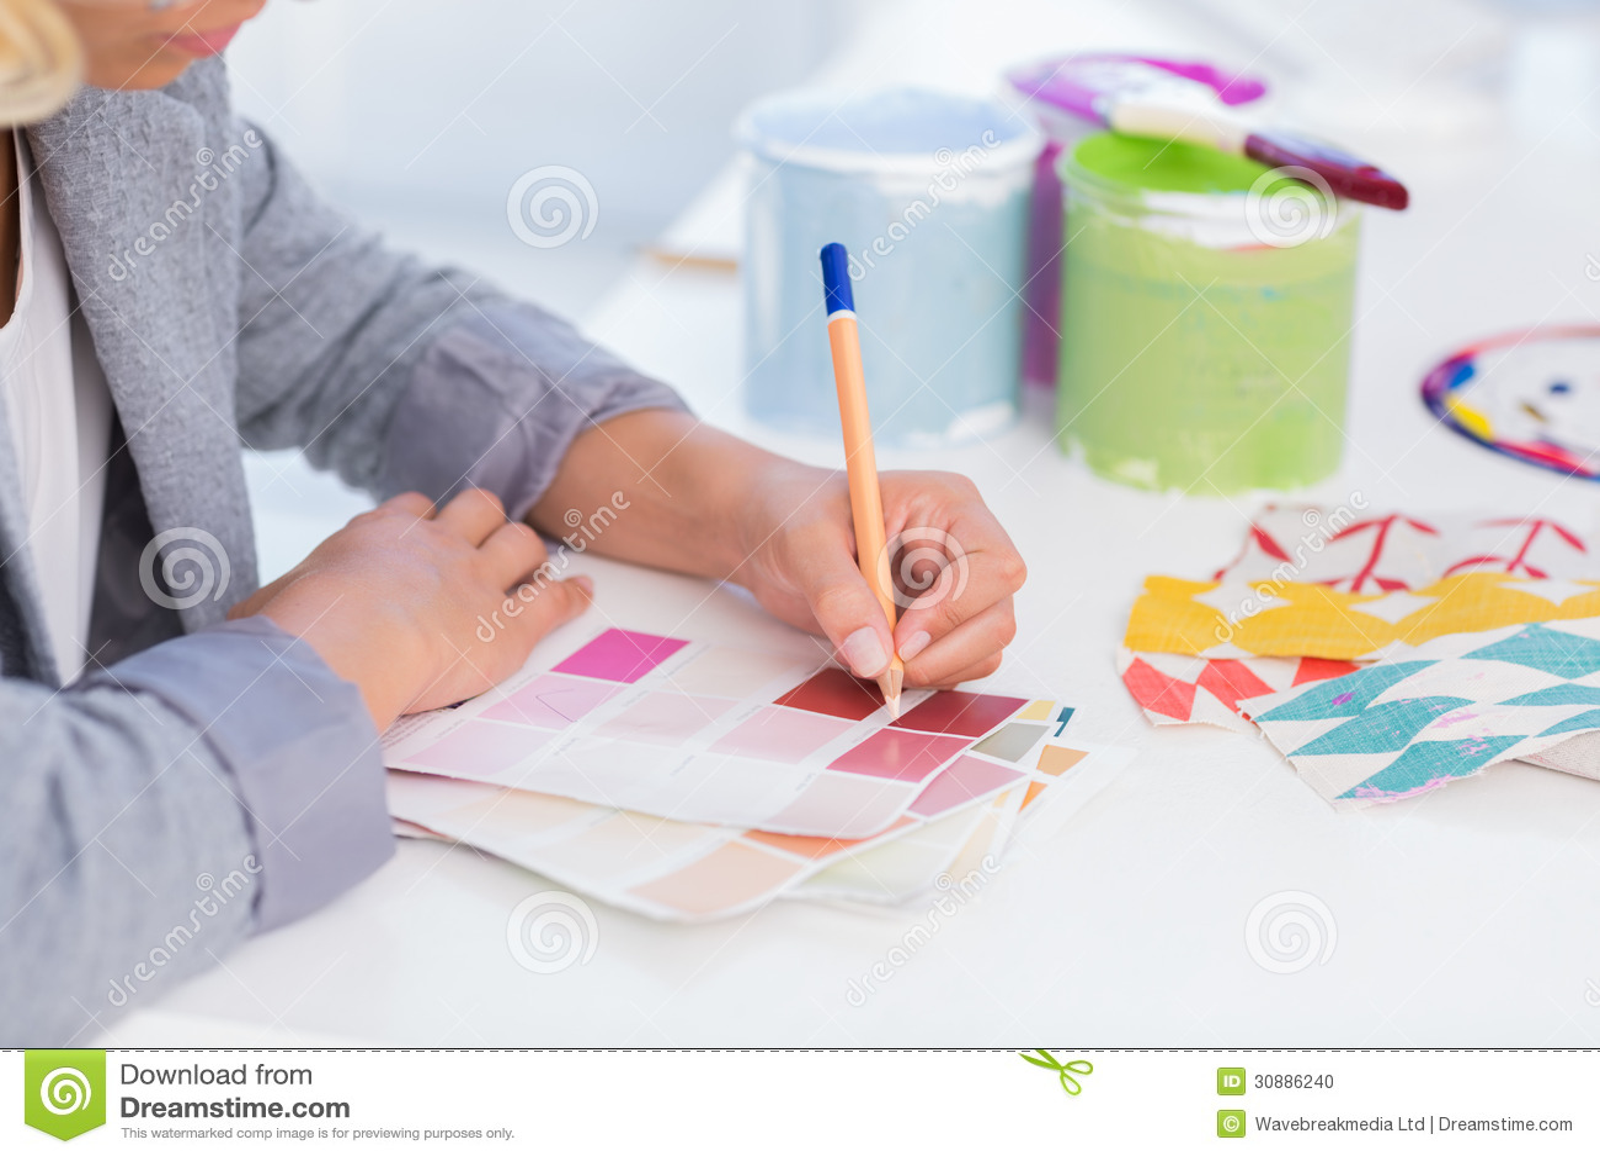 Милый чертеж дизайнера по интерьеру на образцах цвета